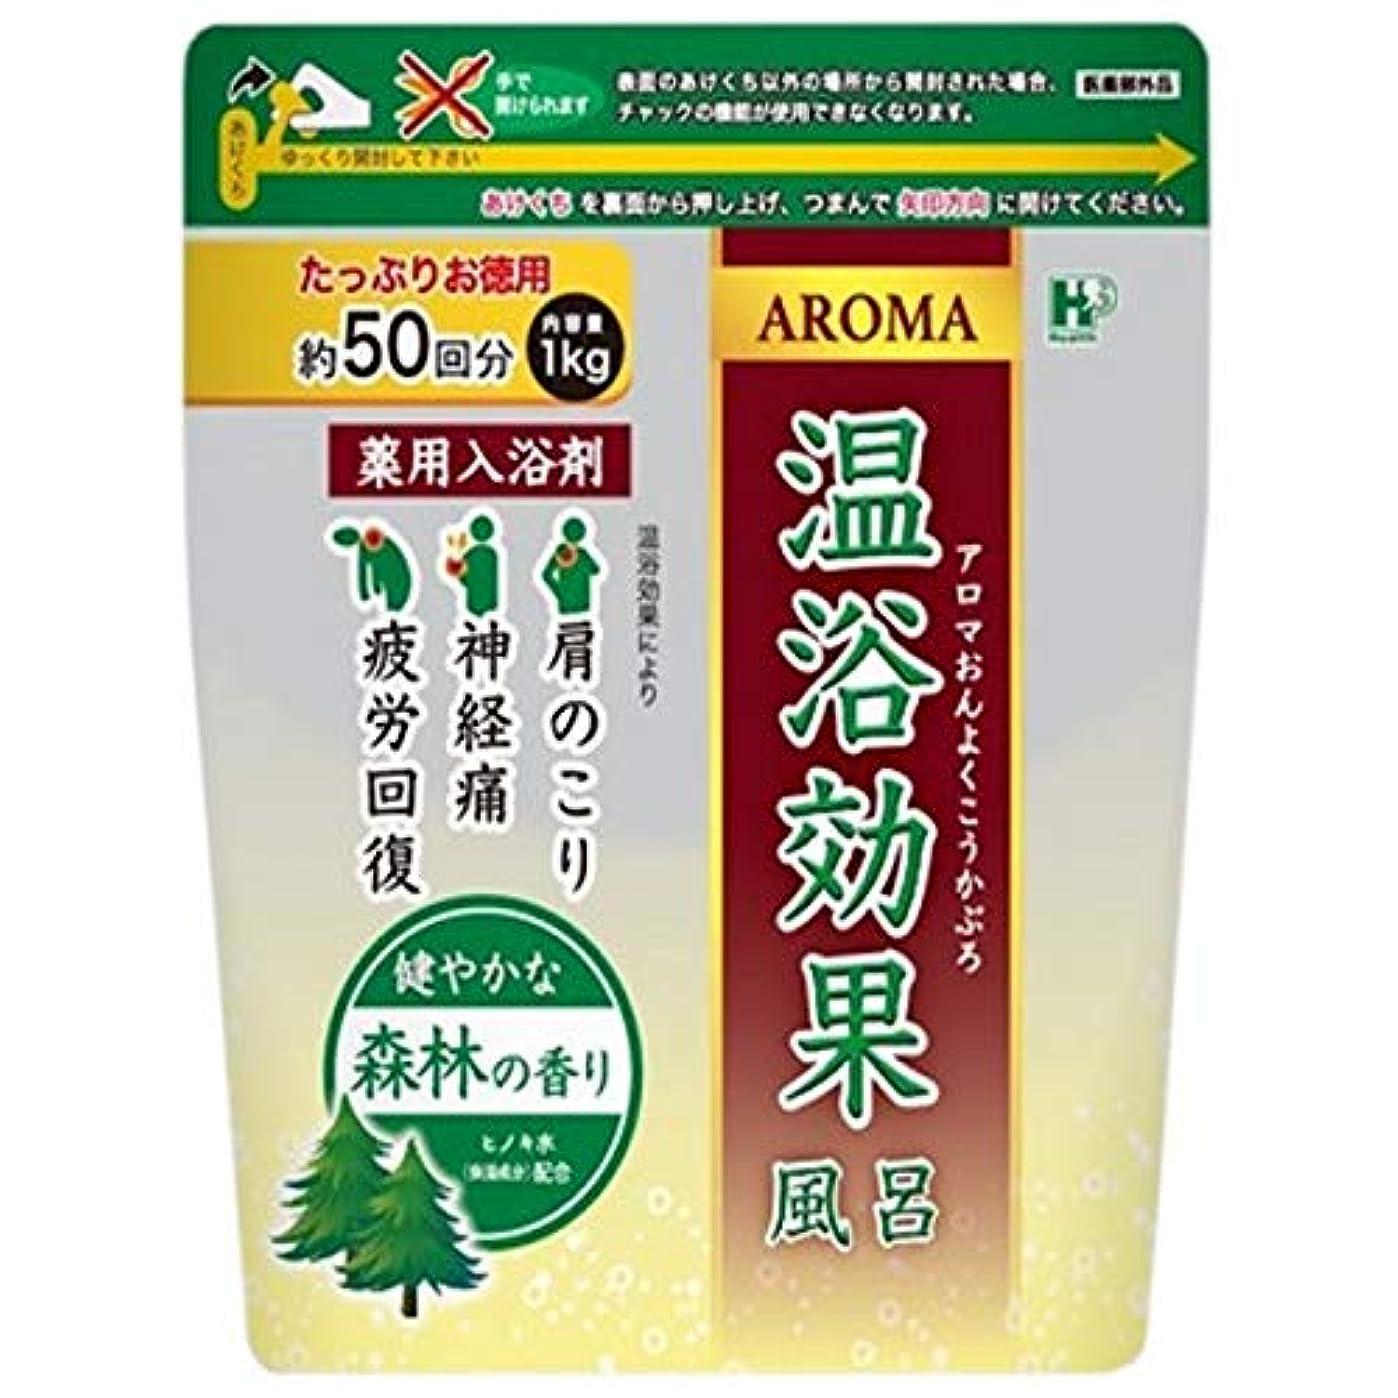 クロール不明瞭アピール薬用入浴剤 アロマ温浴効果風呂 森林 1kg×10袋入